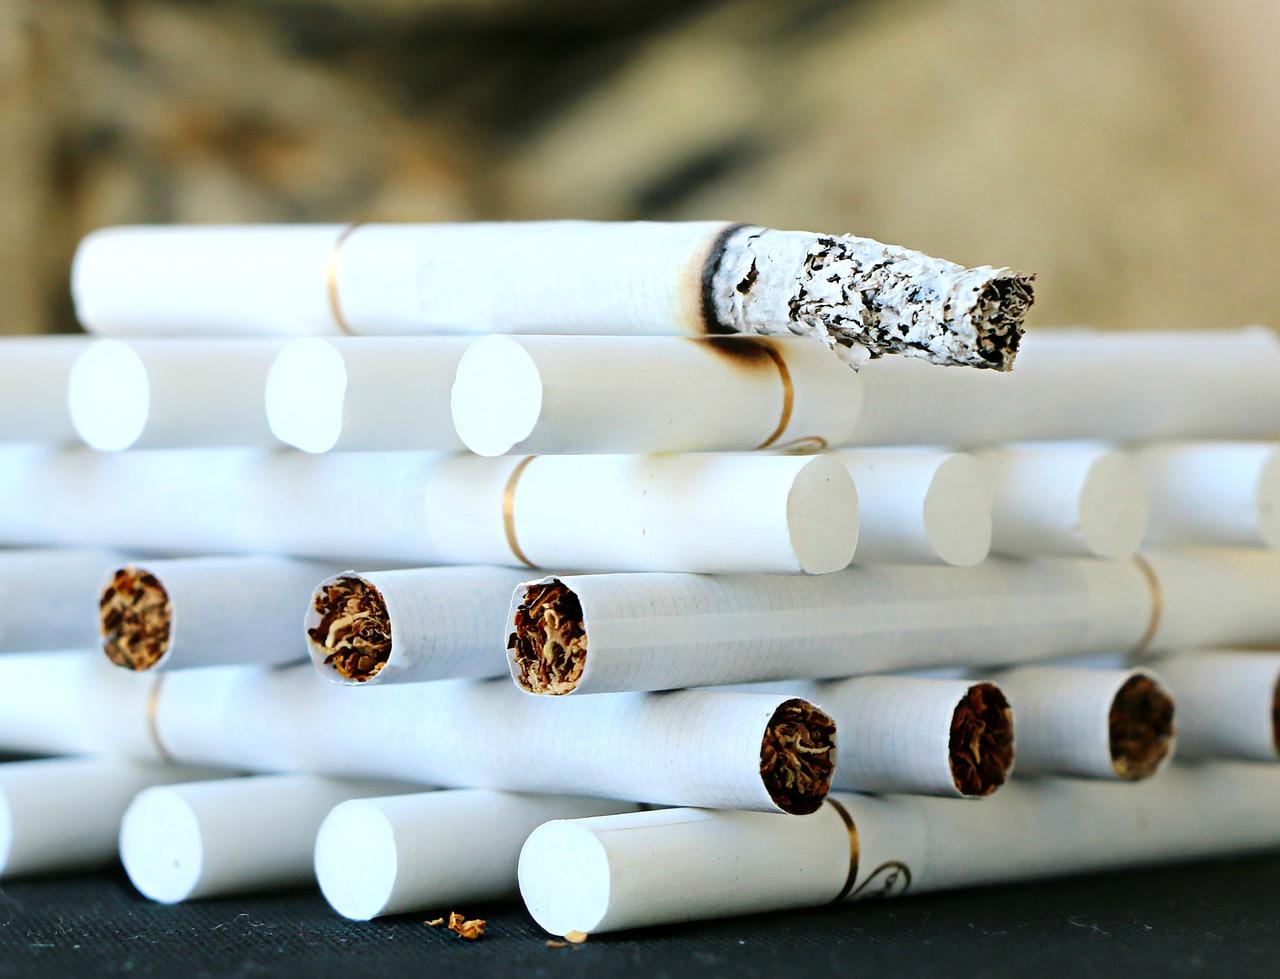 Место потребления табачных изделий куплю сигареты дешево пермь